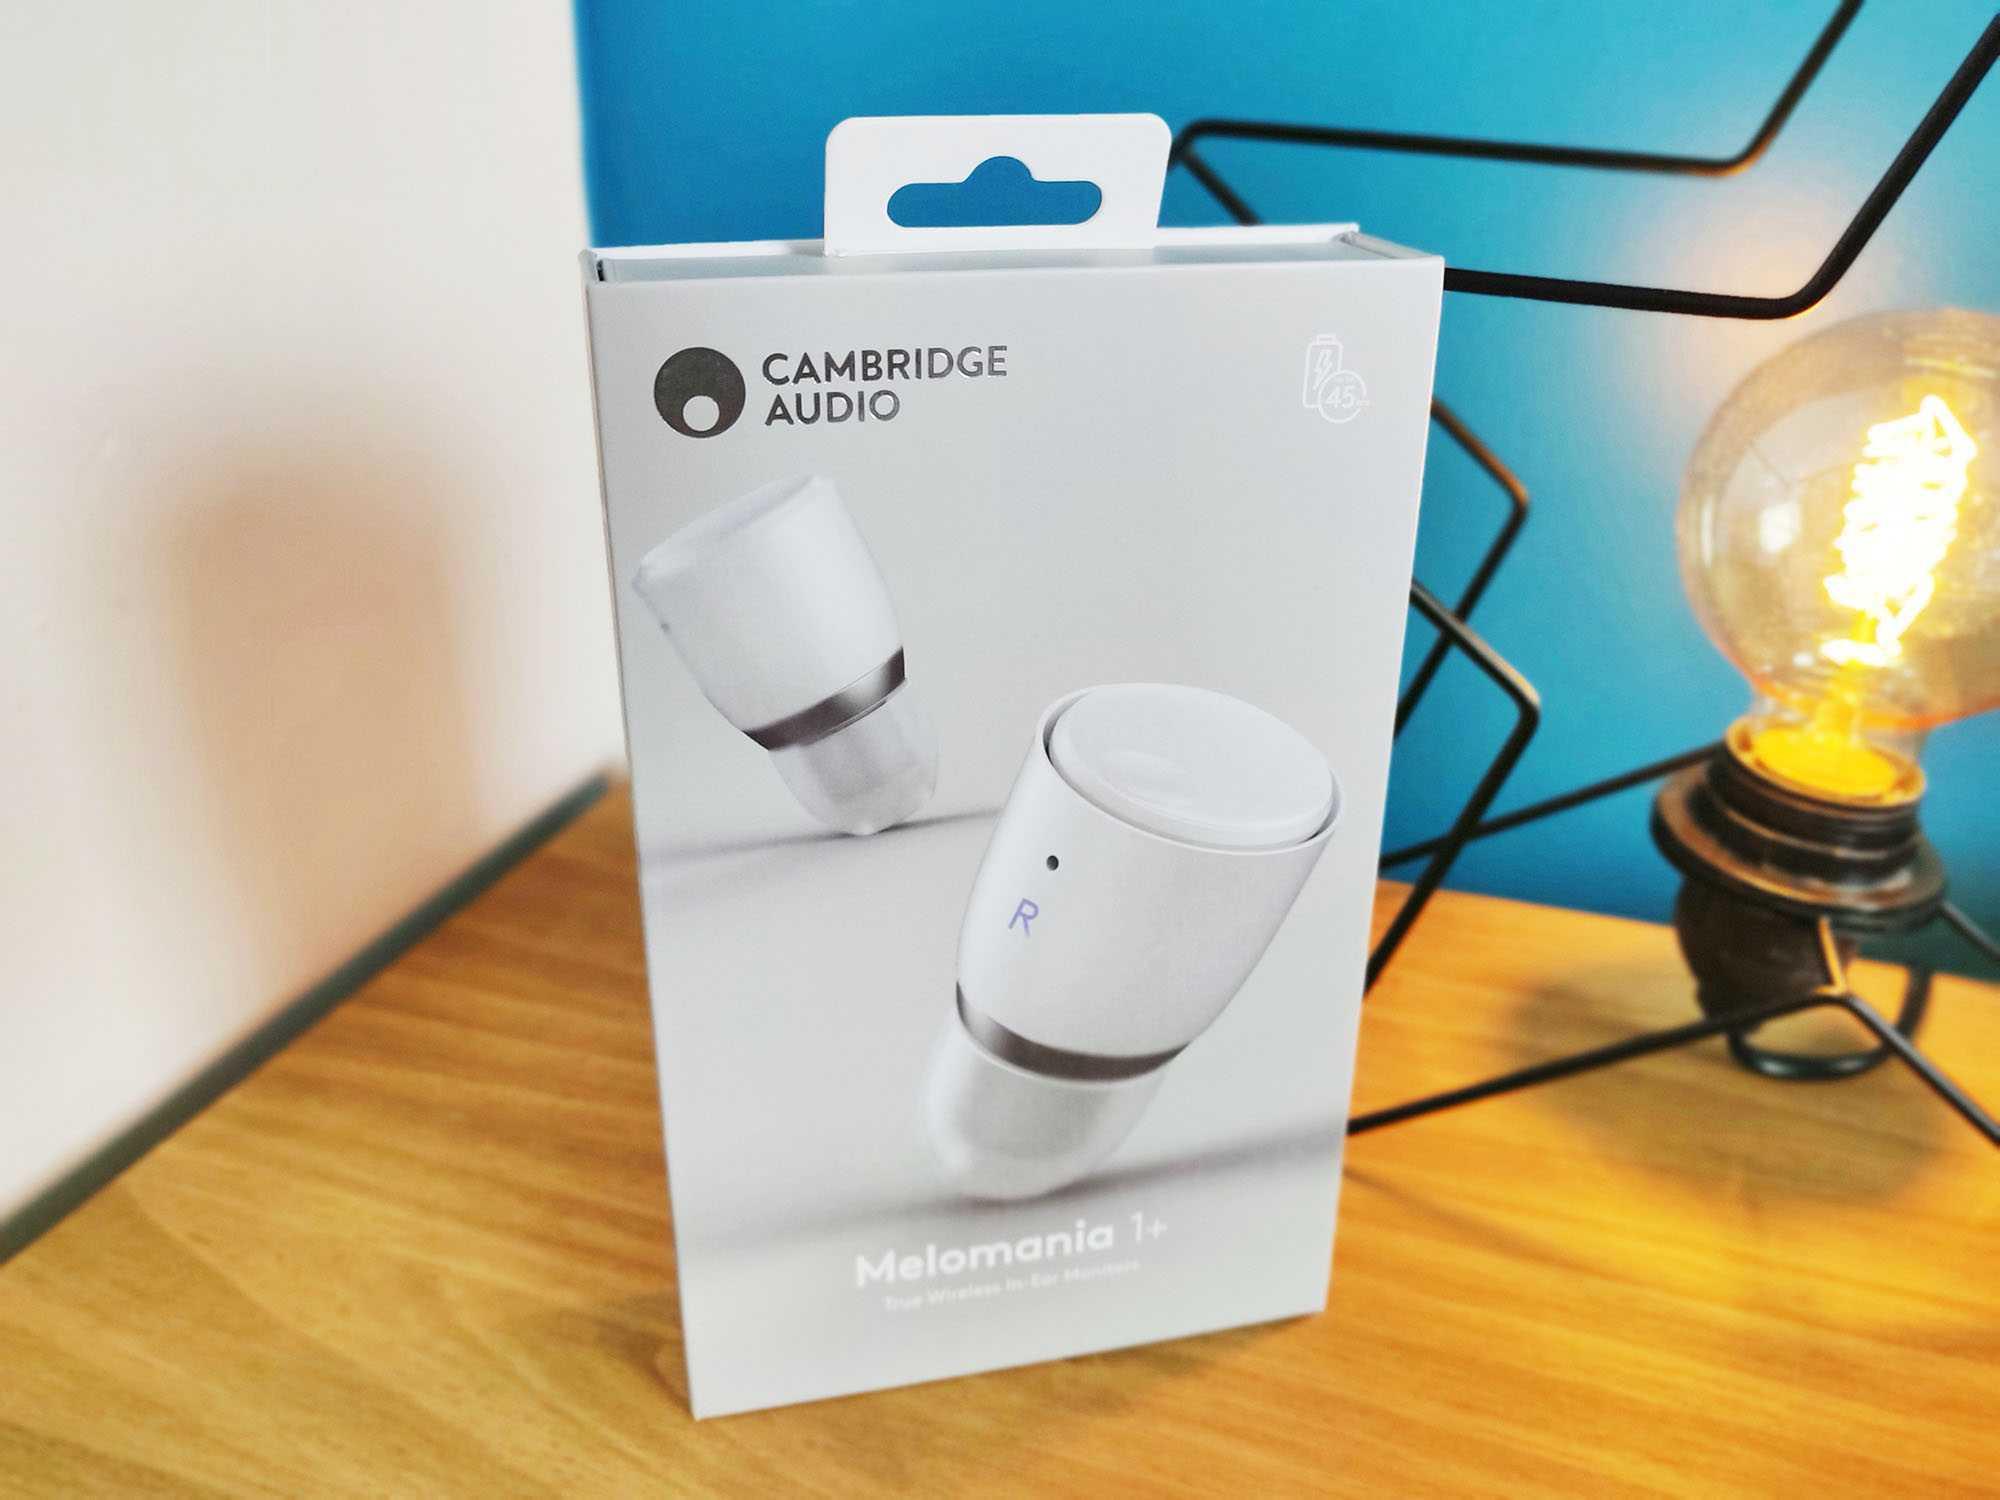 Cambridge Audio Melomania 1 Box Boite Packaging